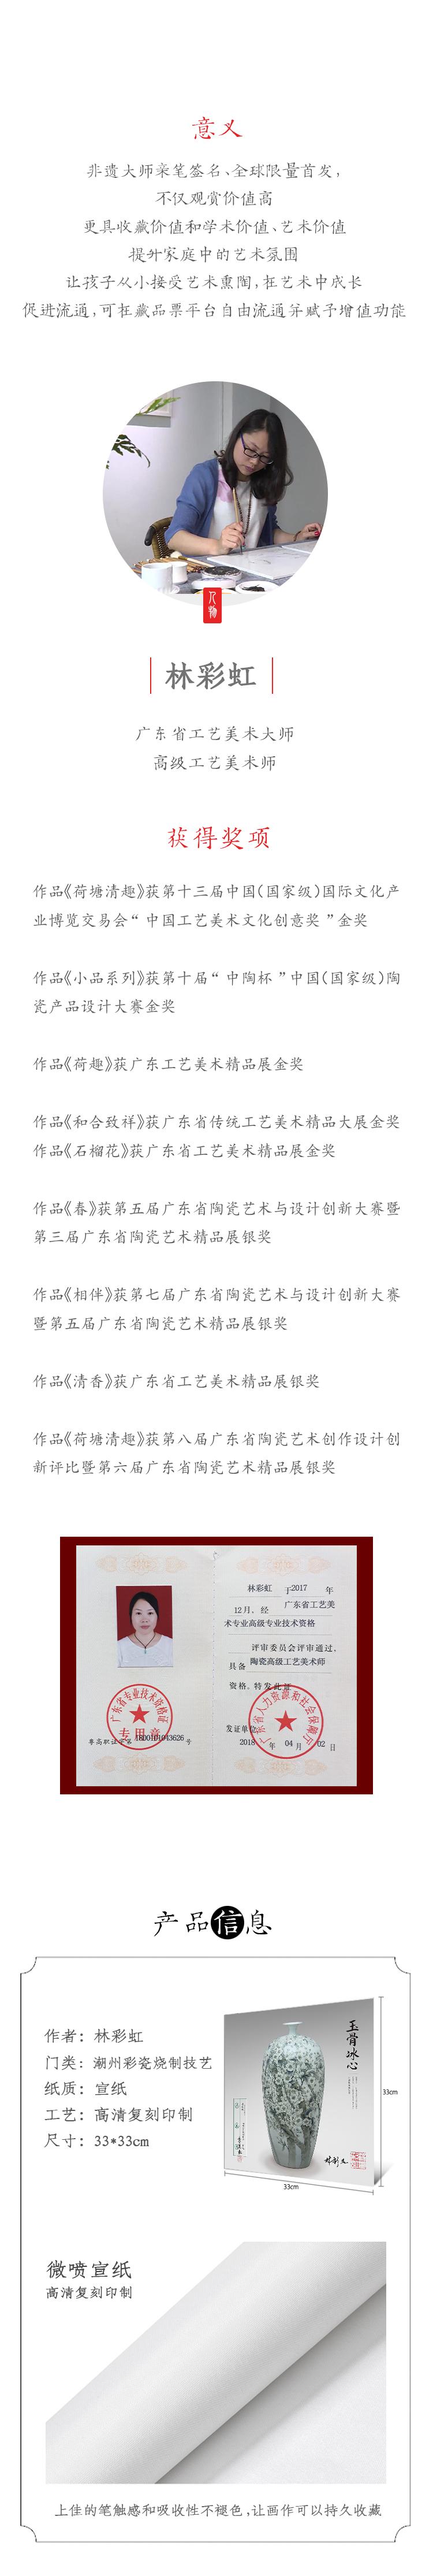 玉骨冰心_09.jpg